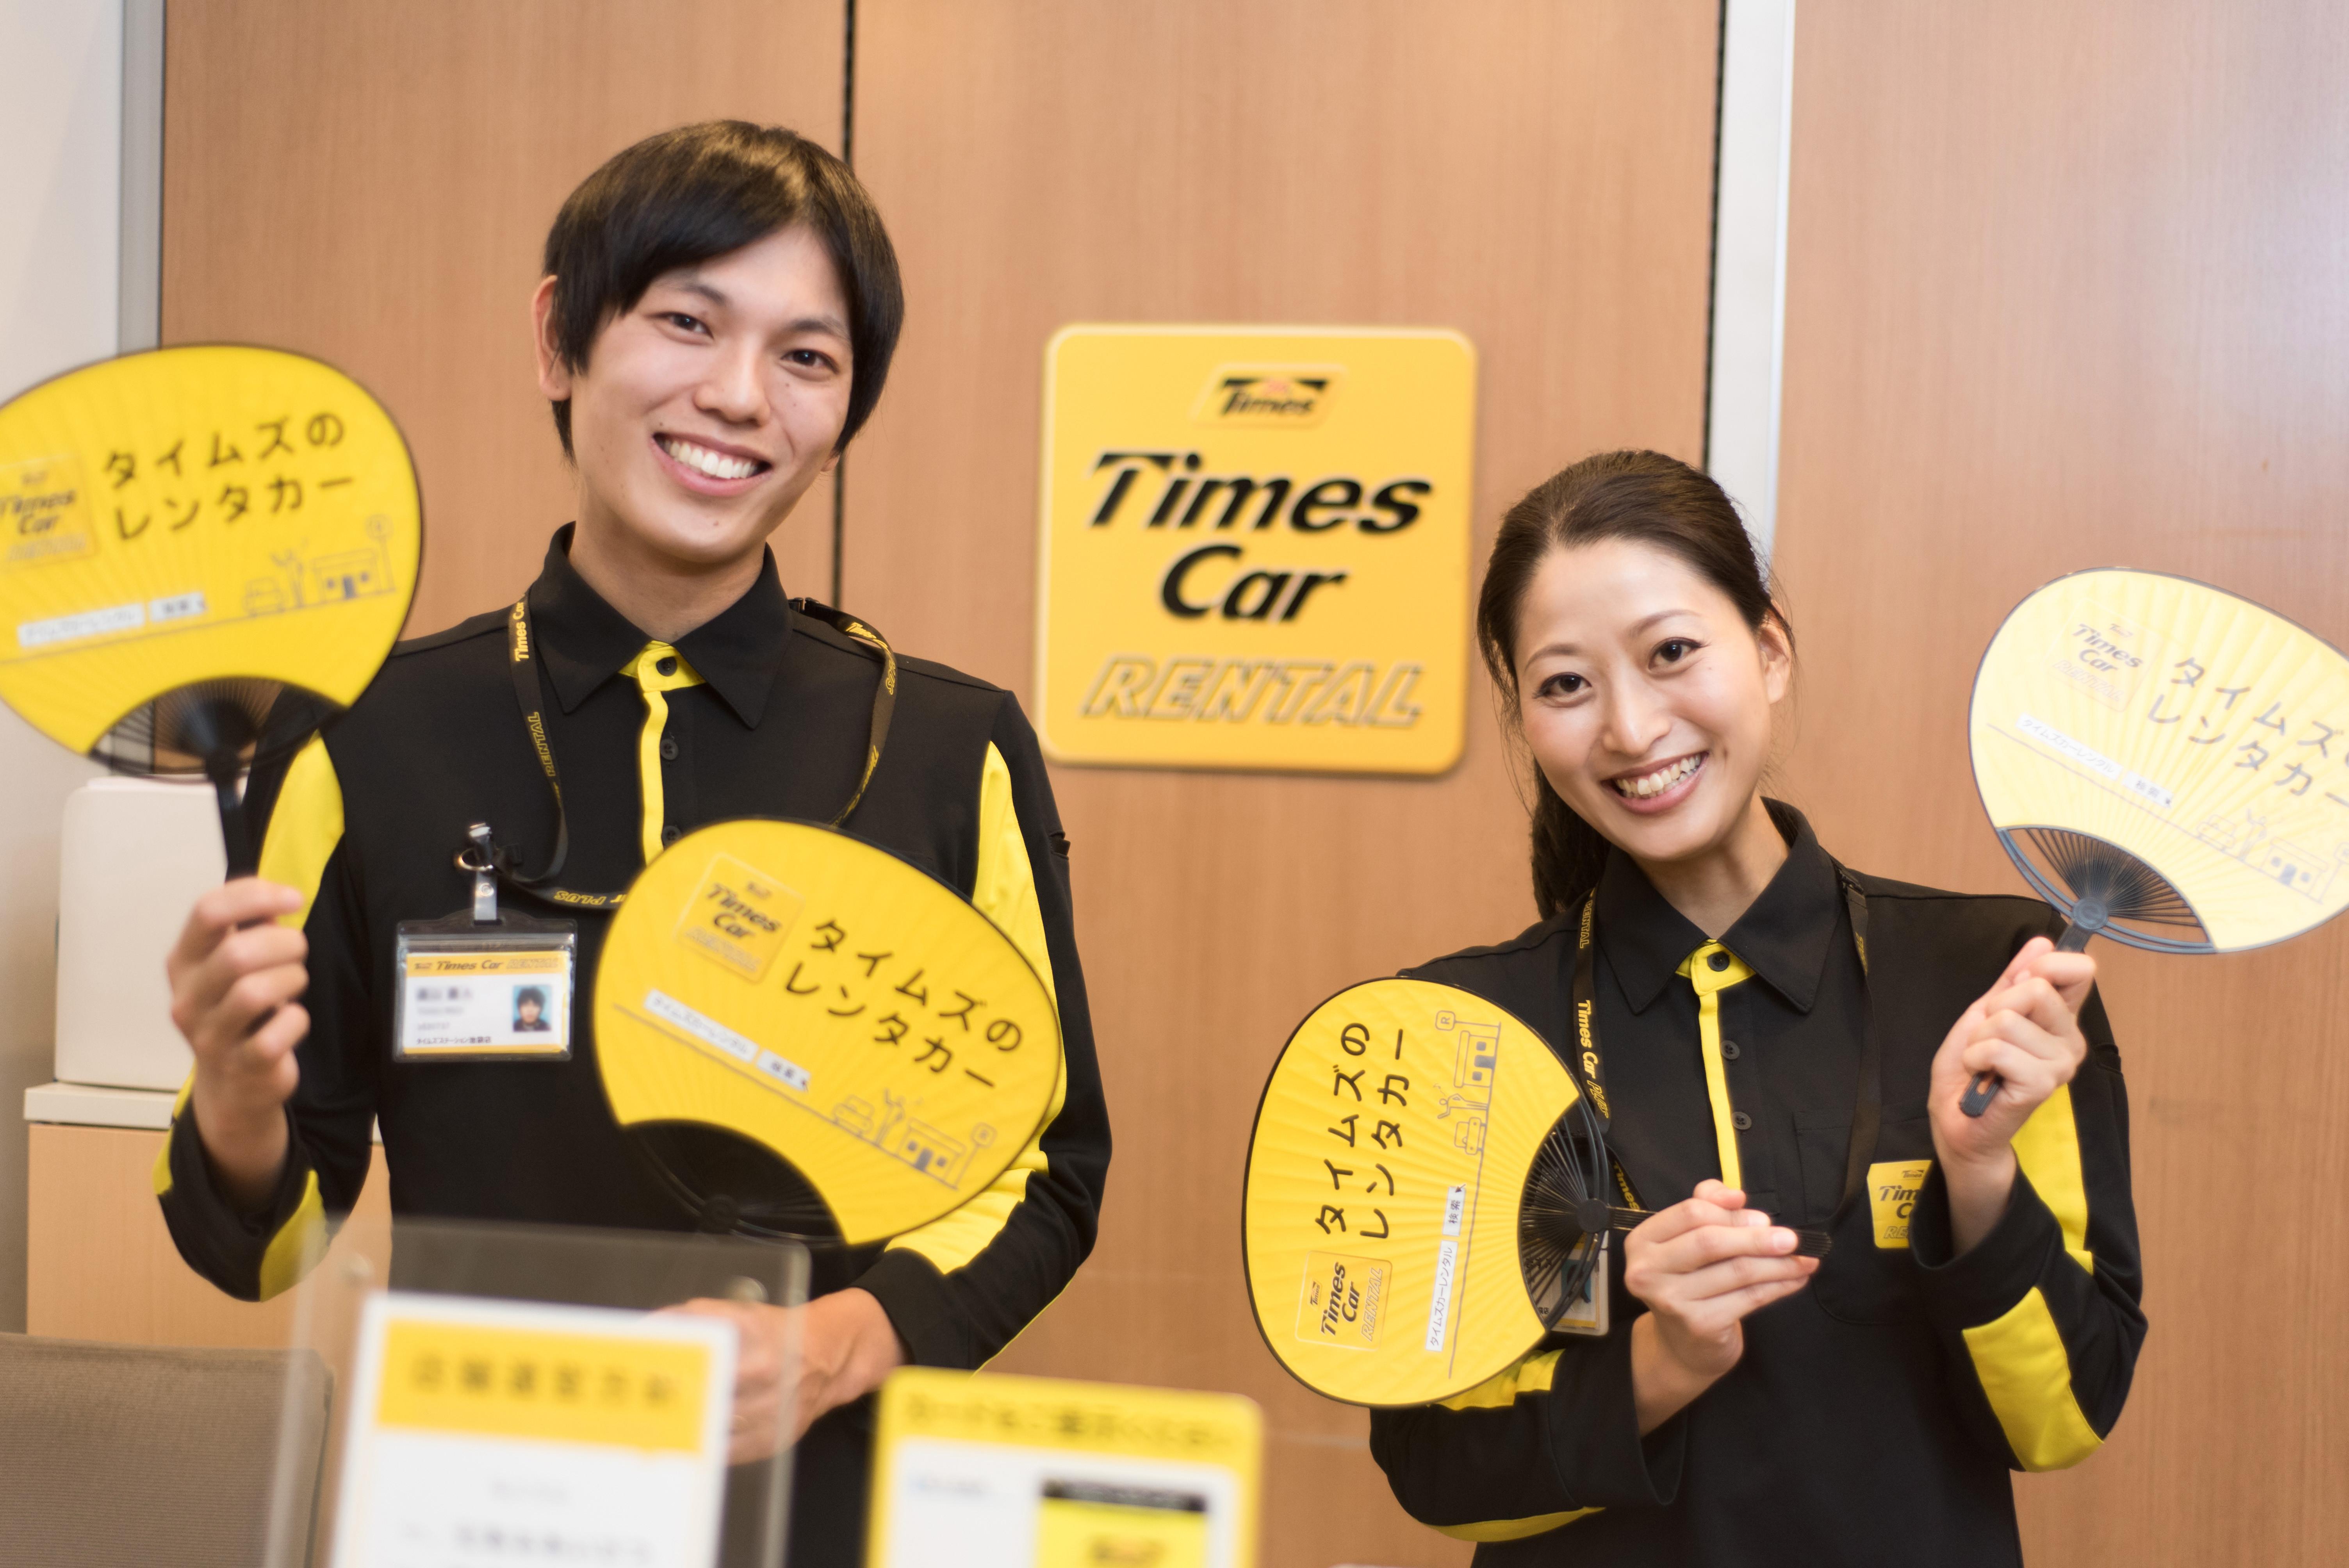 タイムズカーレンタル 恵比寿駅前 のアルバイト情報